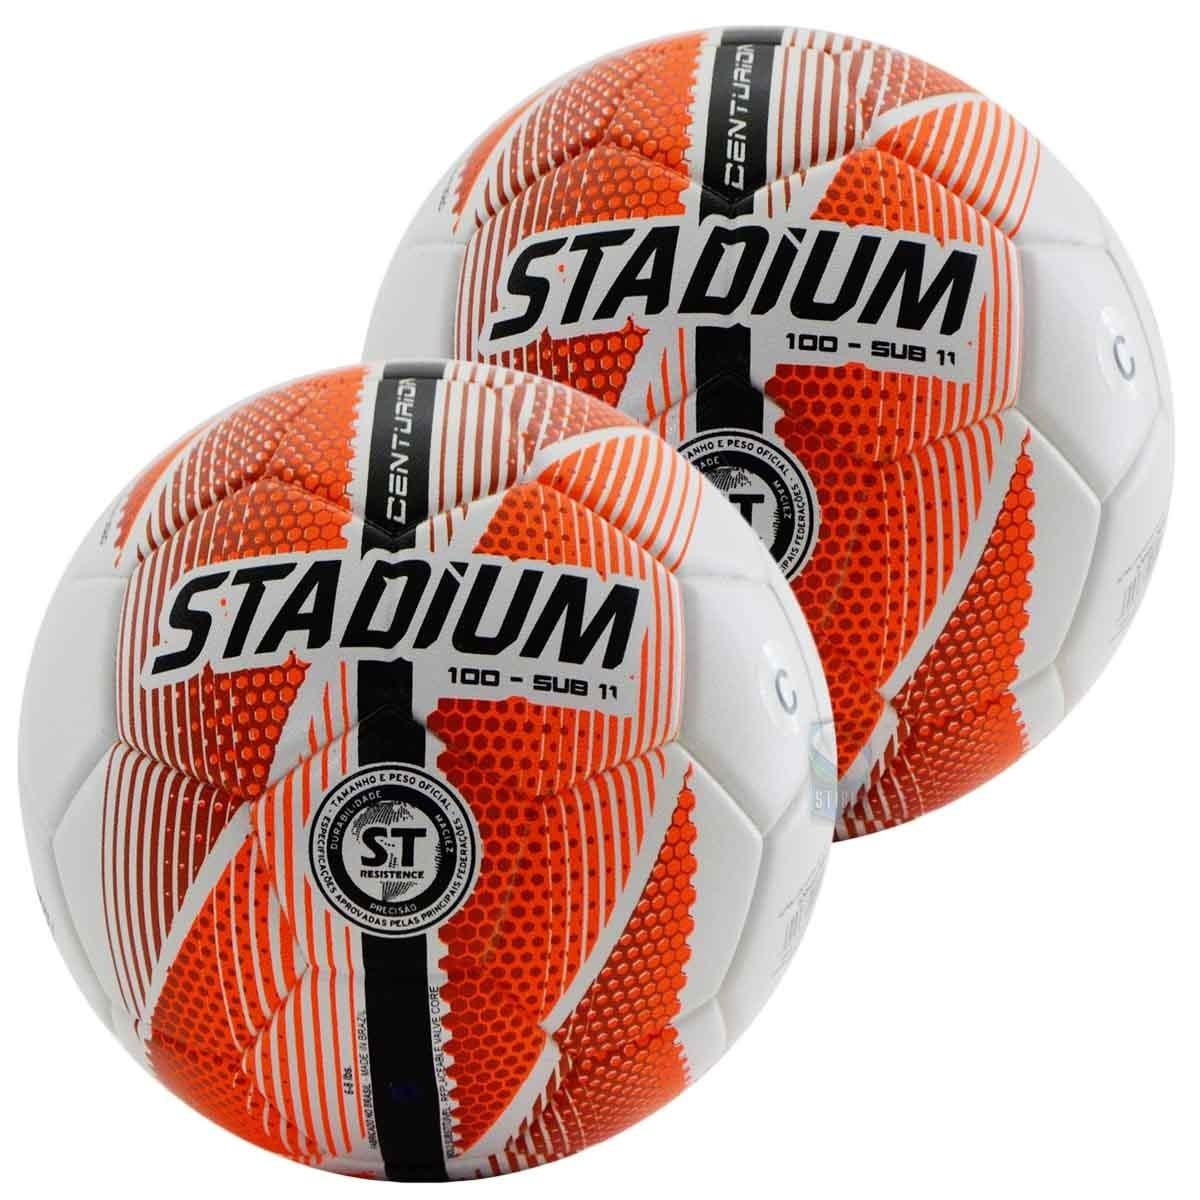 bc3cda9f552ad Kit C  2 Bolas Sub 11 Stadium Max 100 Futsal Termo Fusion - R  129 ...